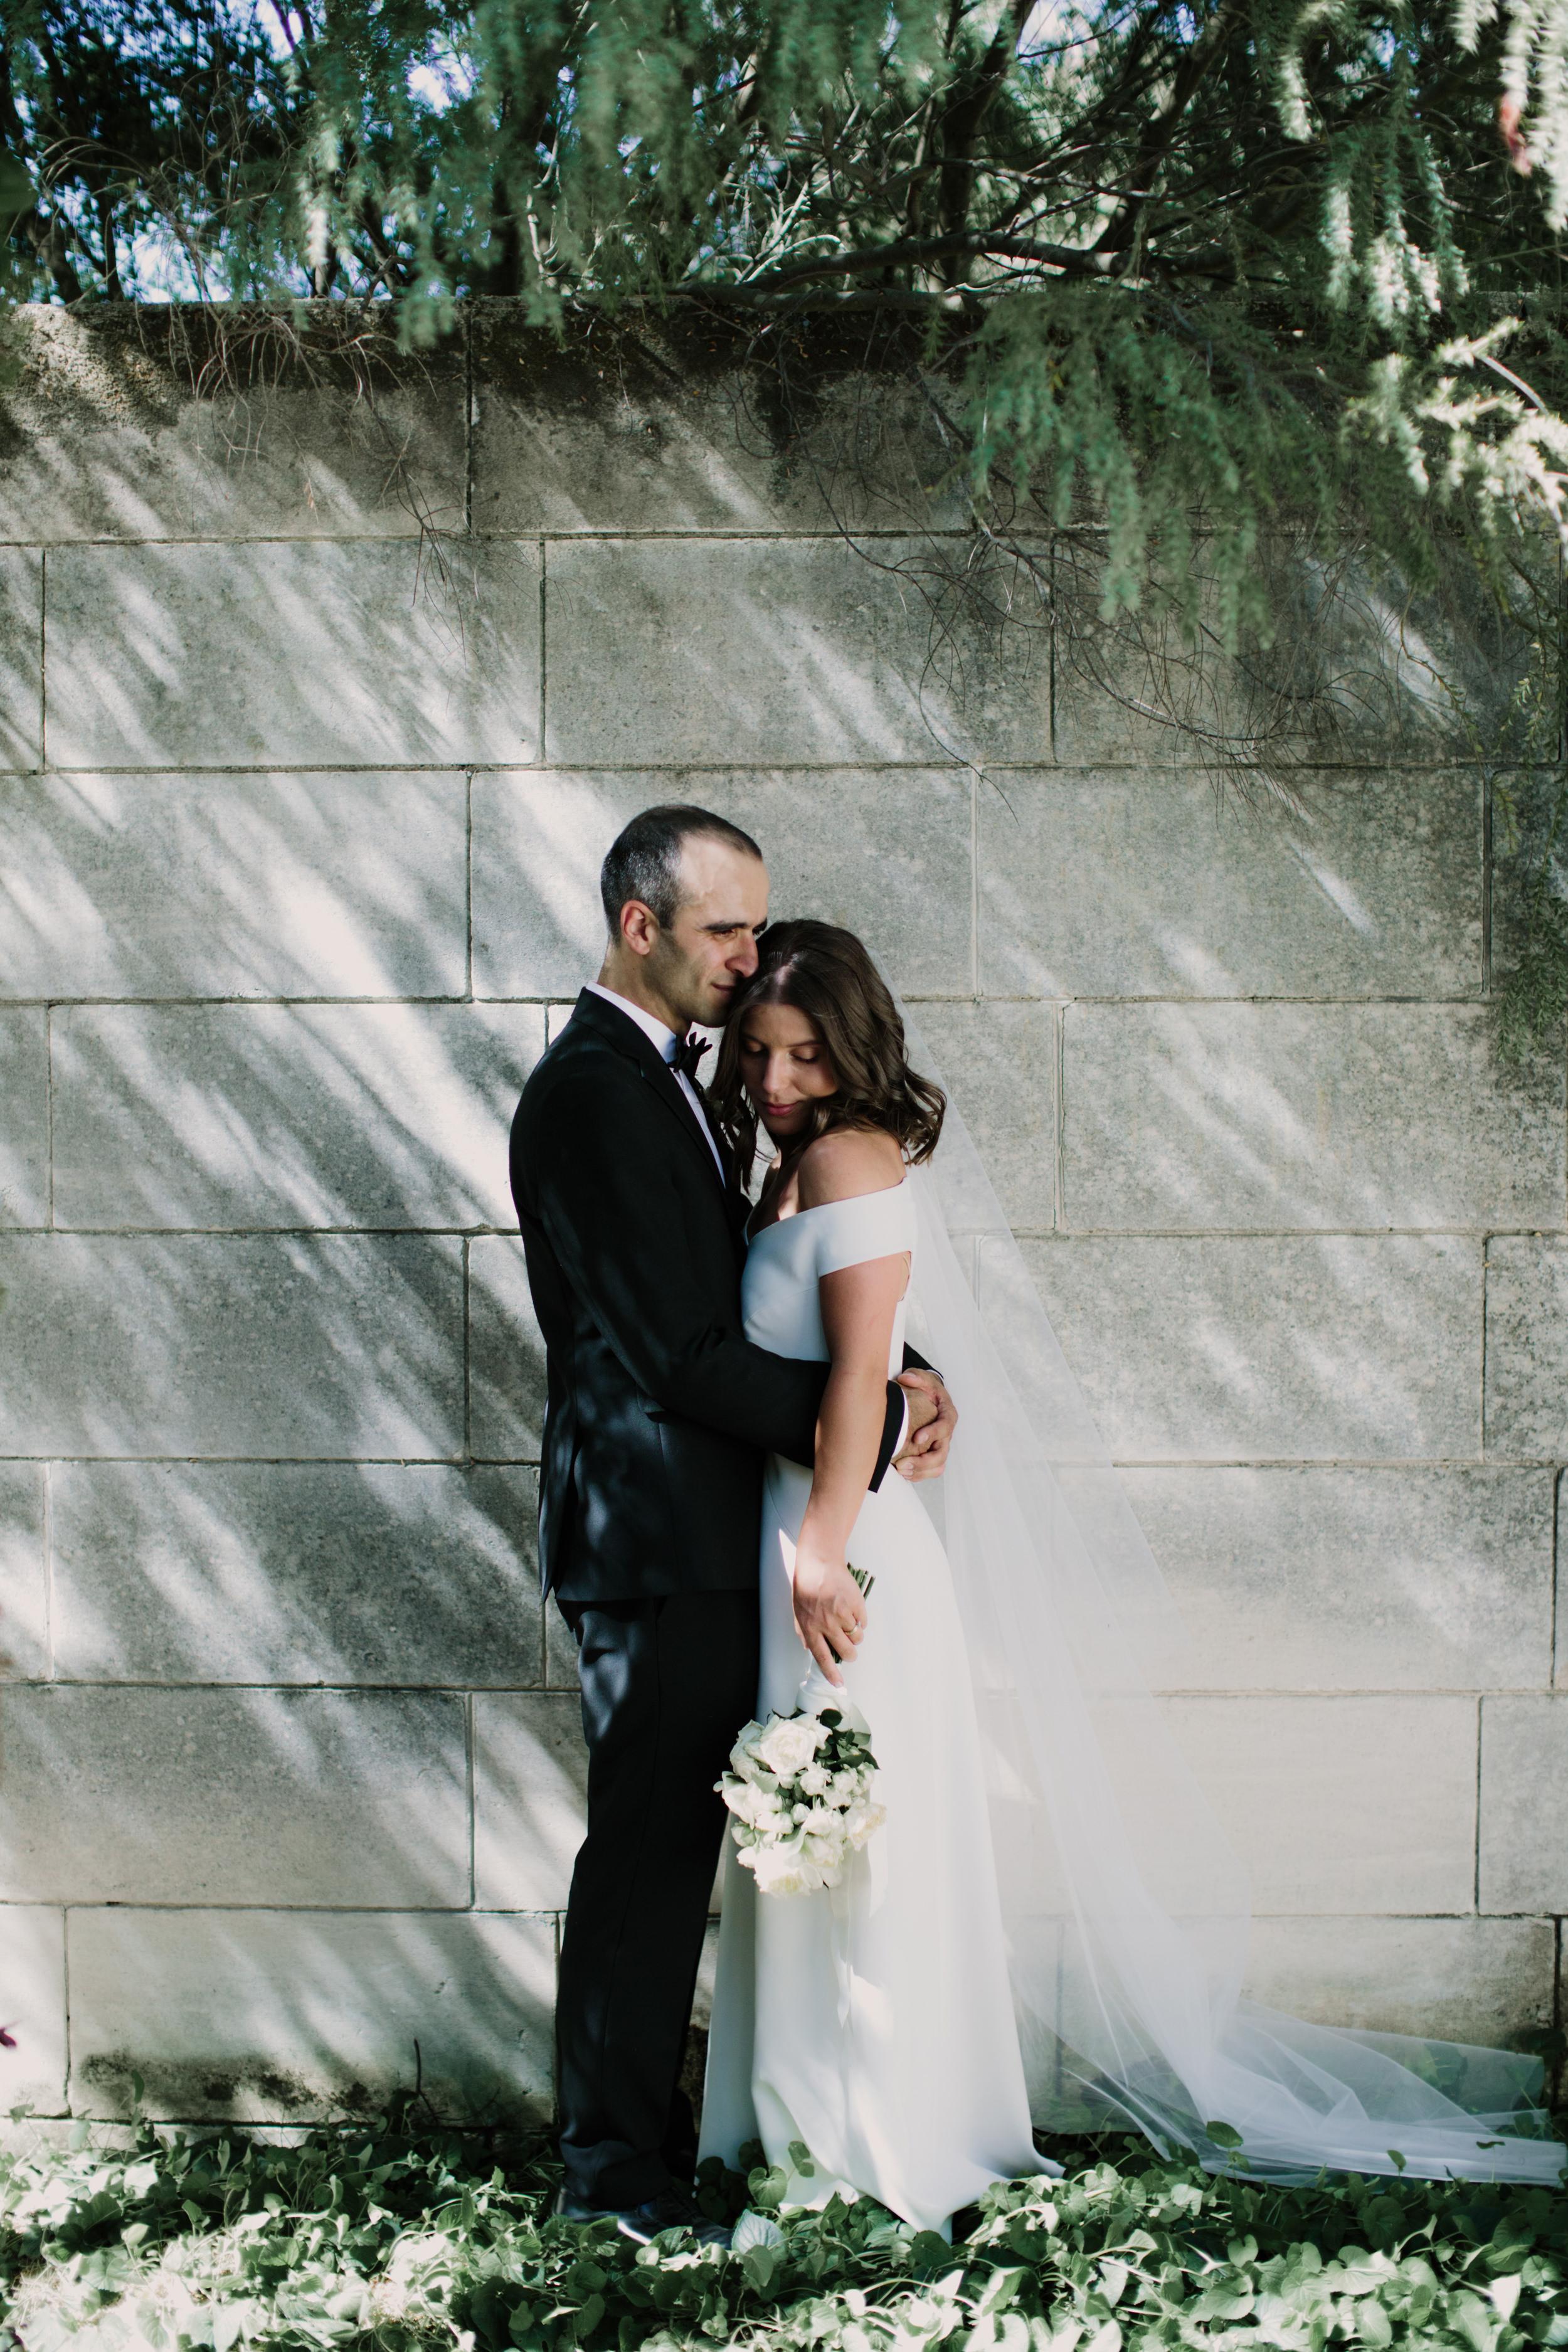 I-Got-You-Babe-Weddings-Flo-Jez-Heide-Boyd-Robyn0137.JPG